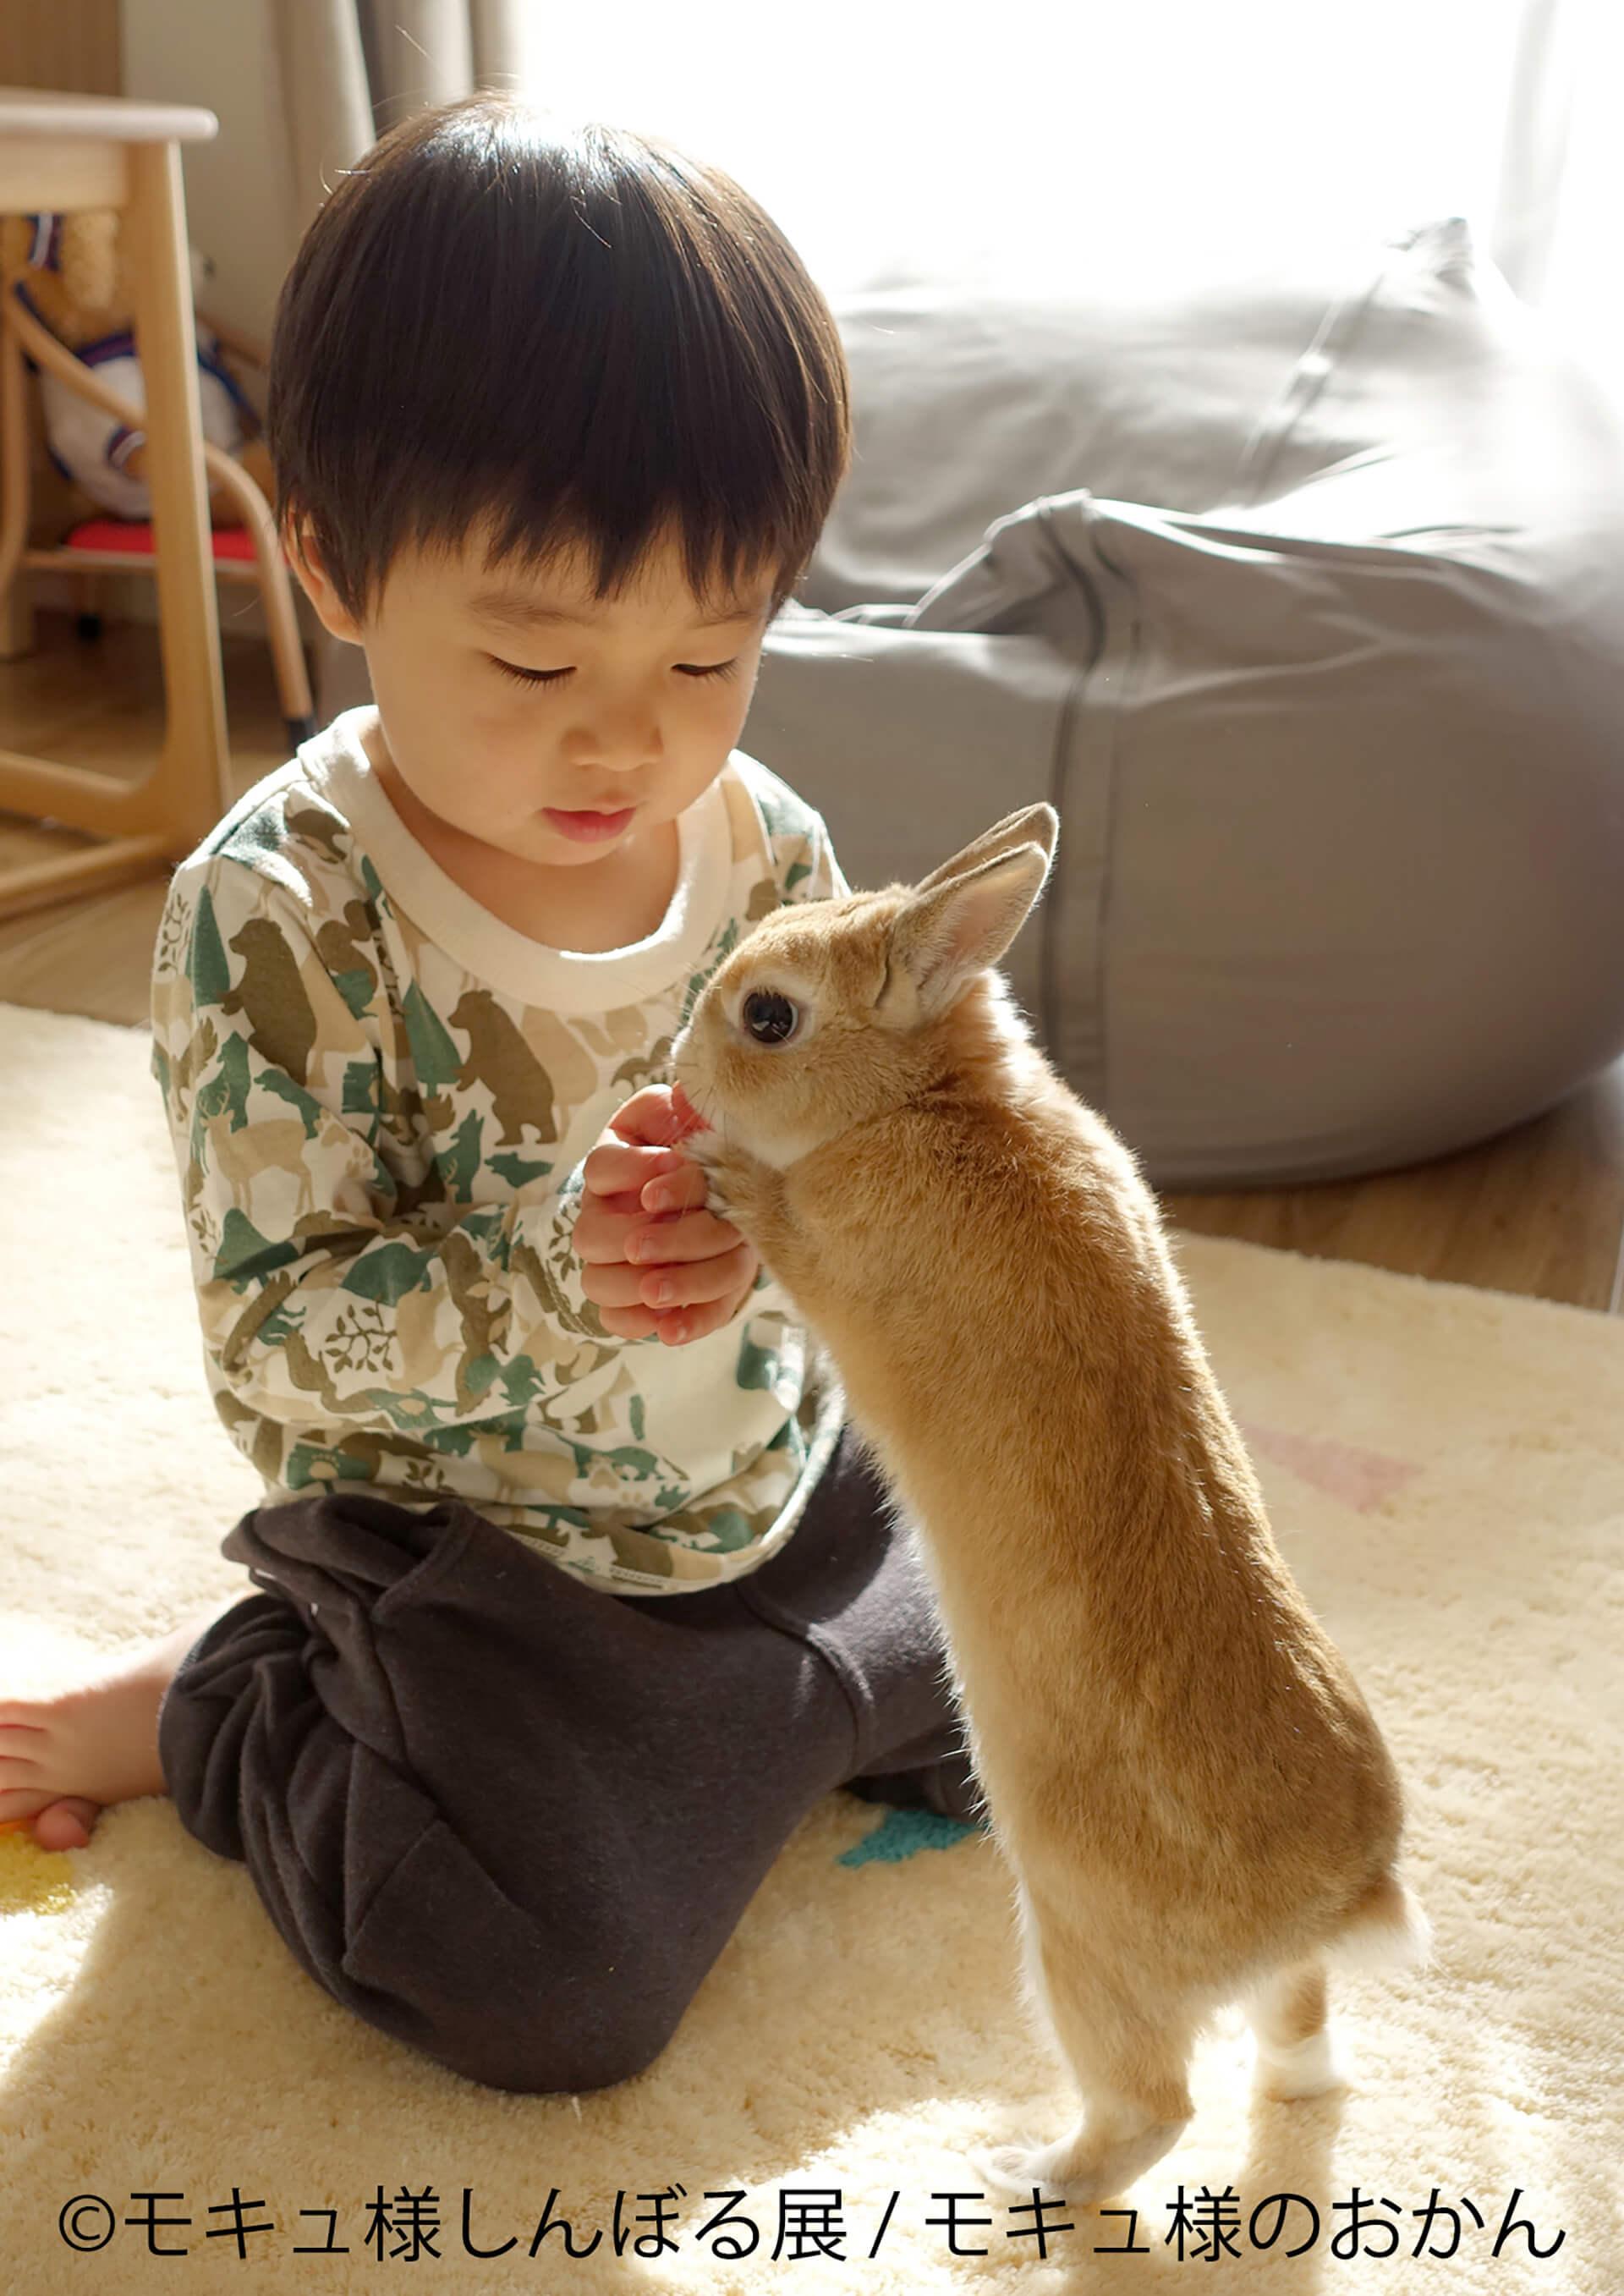 この写真はモキュ様しんぼる展の展示作品でモキュ様が子供と遊んでいます